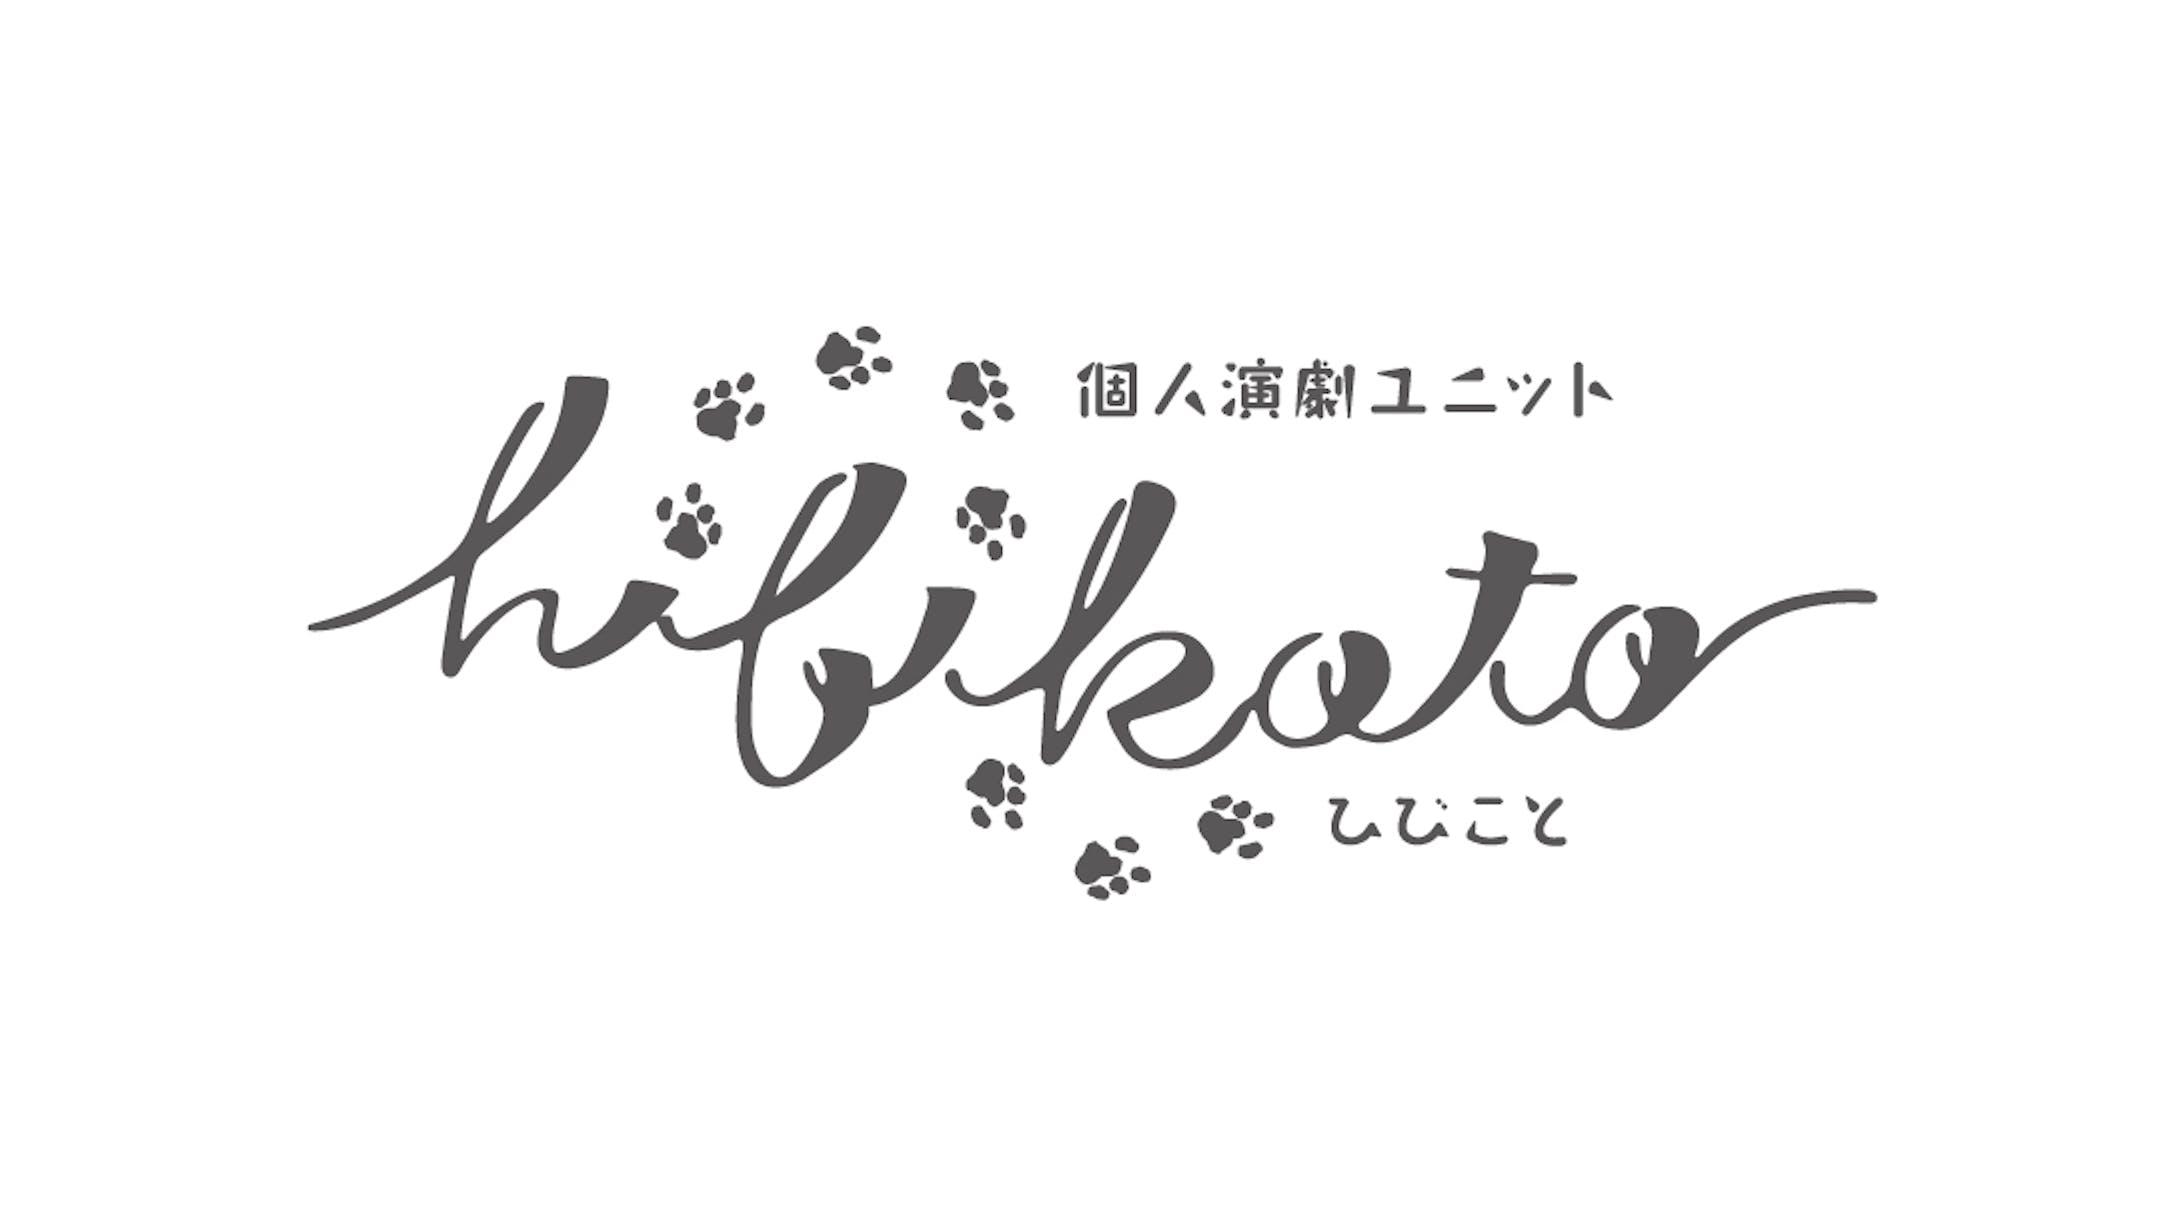 【ロゴ・名刺】ひびことさま-2